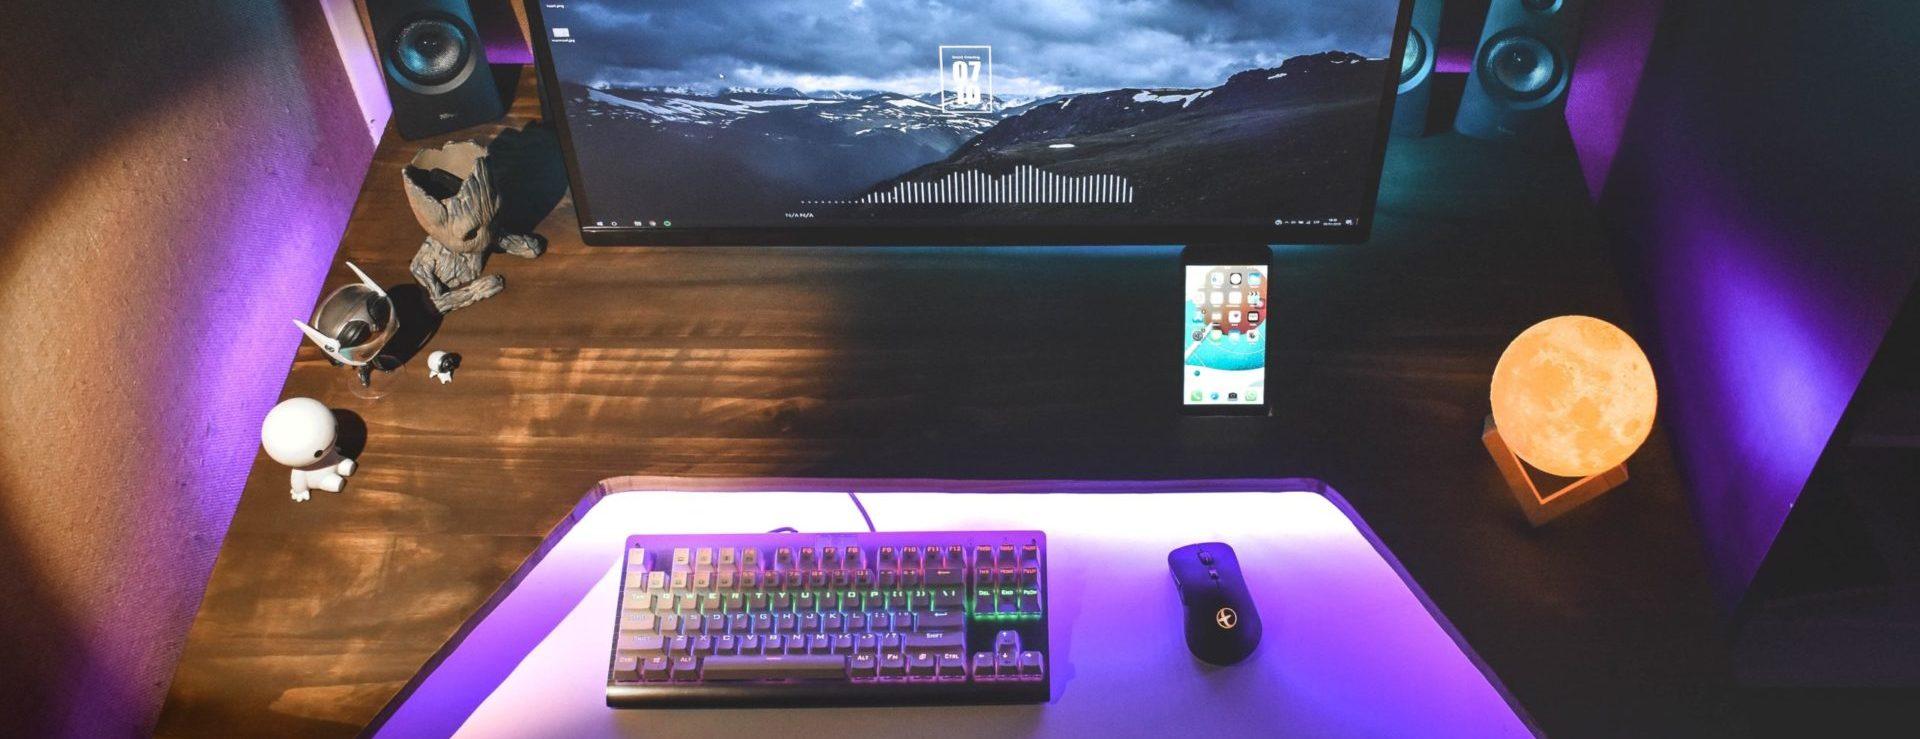 FPSのエイムを上達させる道 STEP③パソコンの設定とモニターの見出し画像